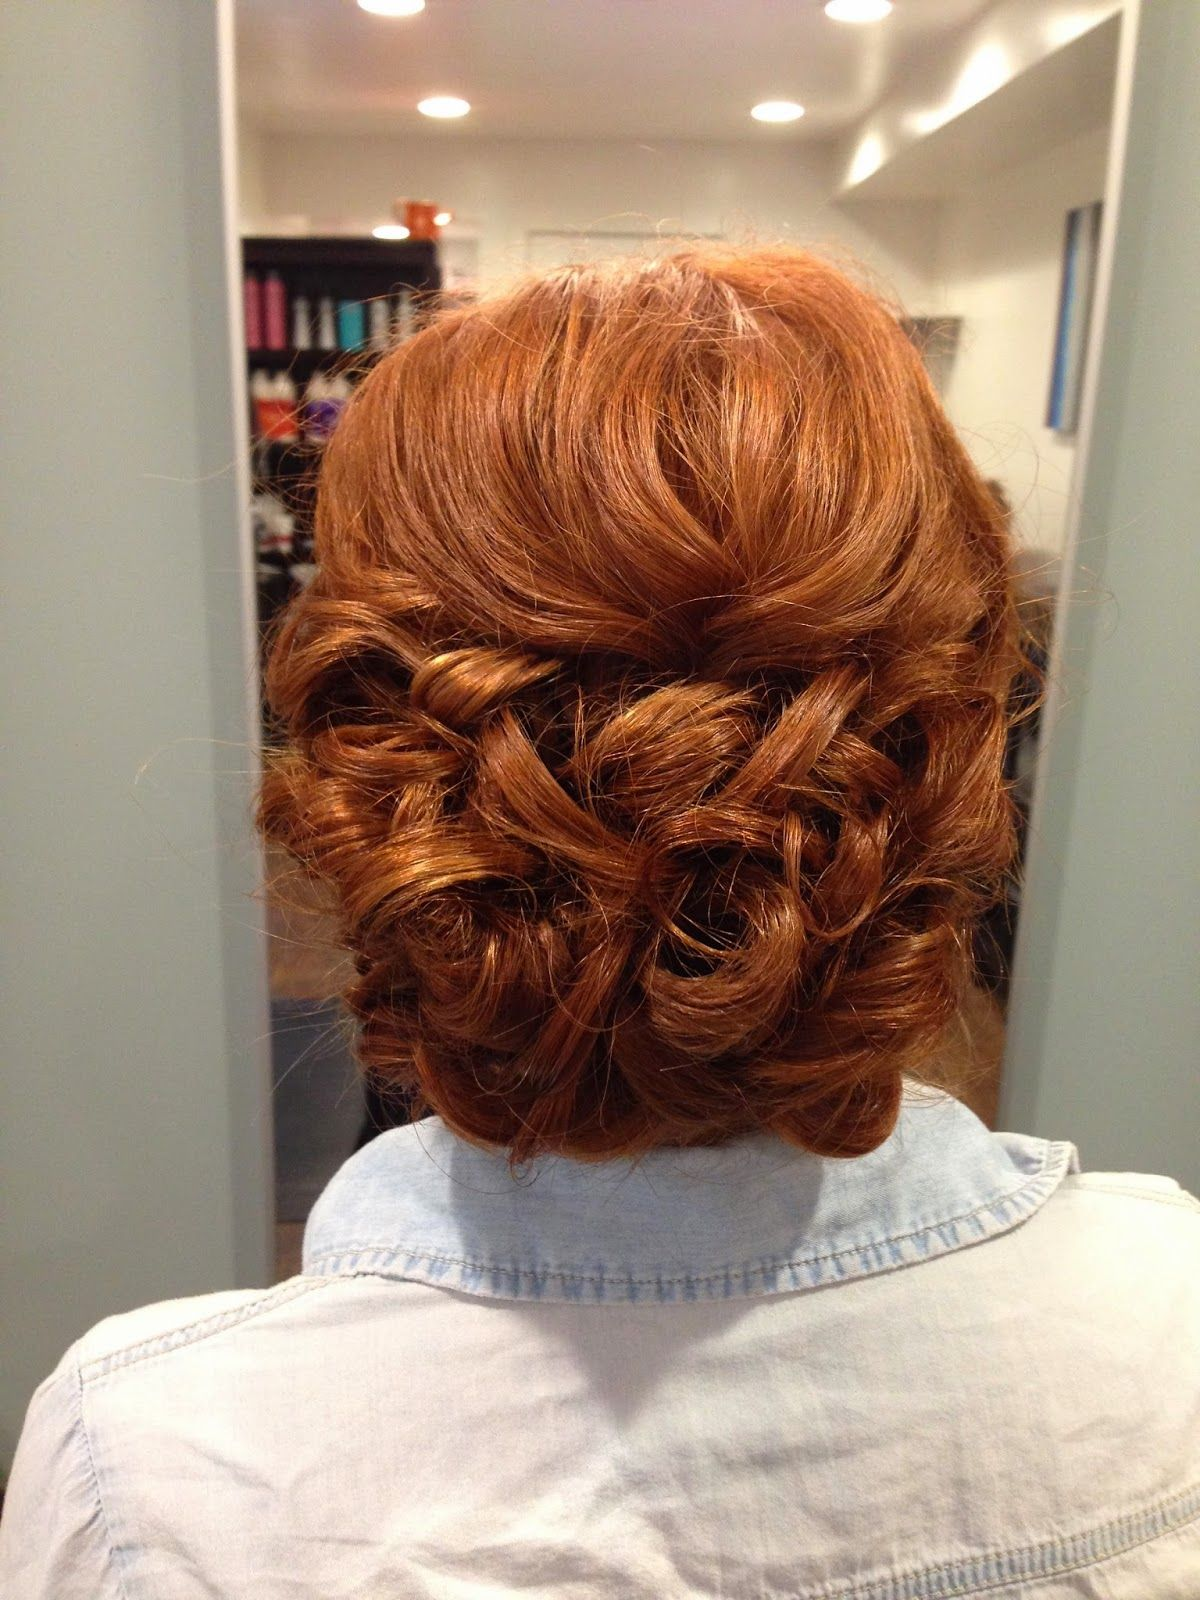 alexcrabtreehairandmakeup wedding hairstyle updo red hair | alex